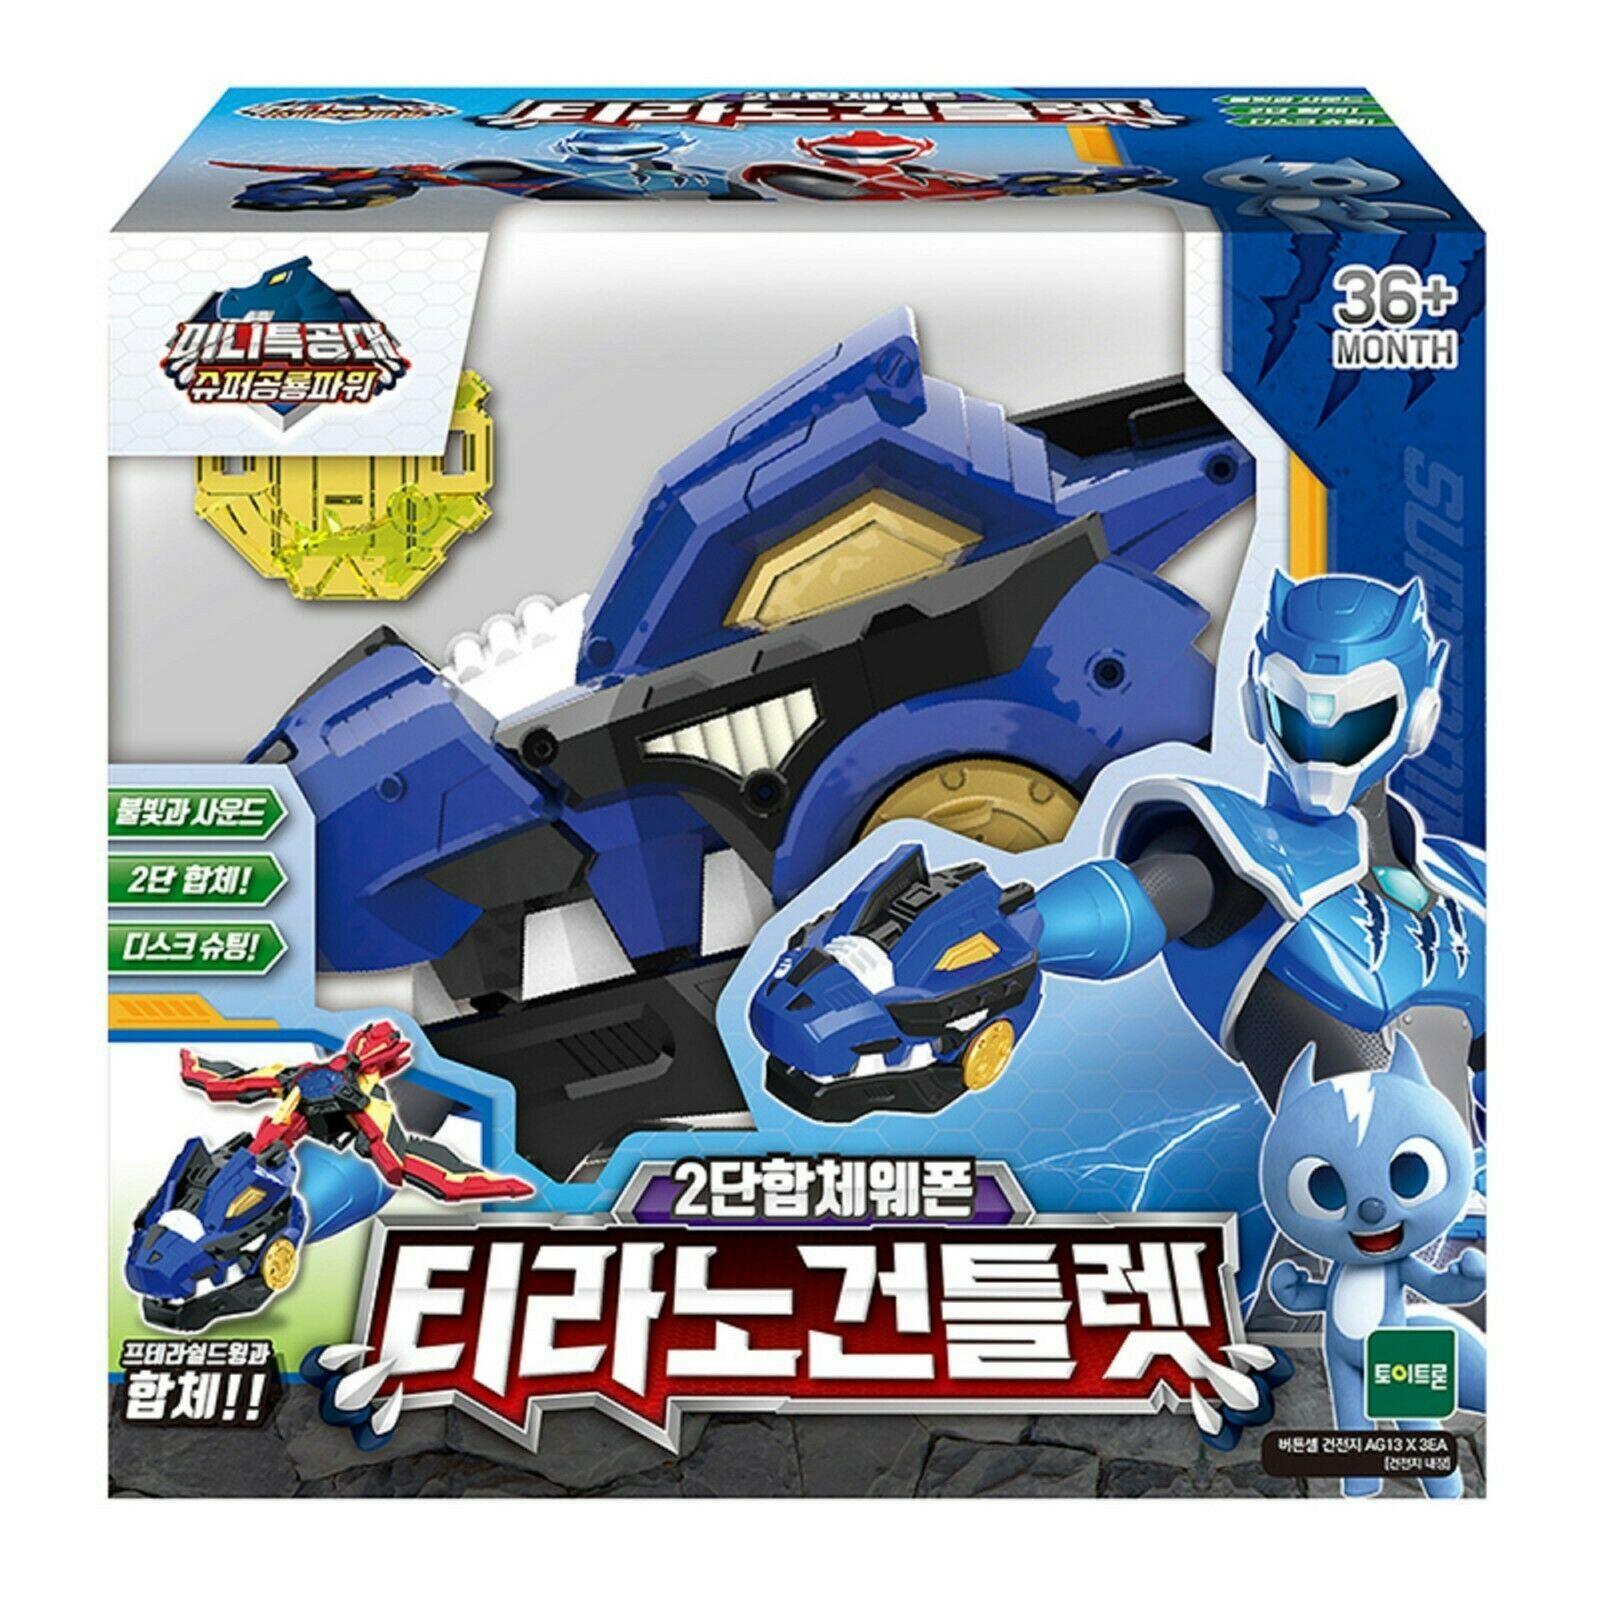 Miniforce Tyranno Gauntlet Sound Lights Toy Super Dinosaur Power Part 2 Weapon